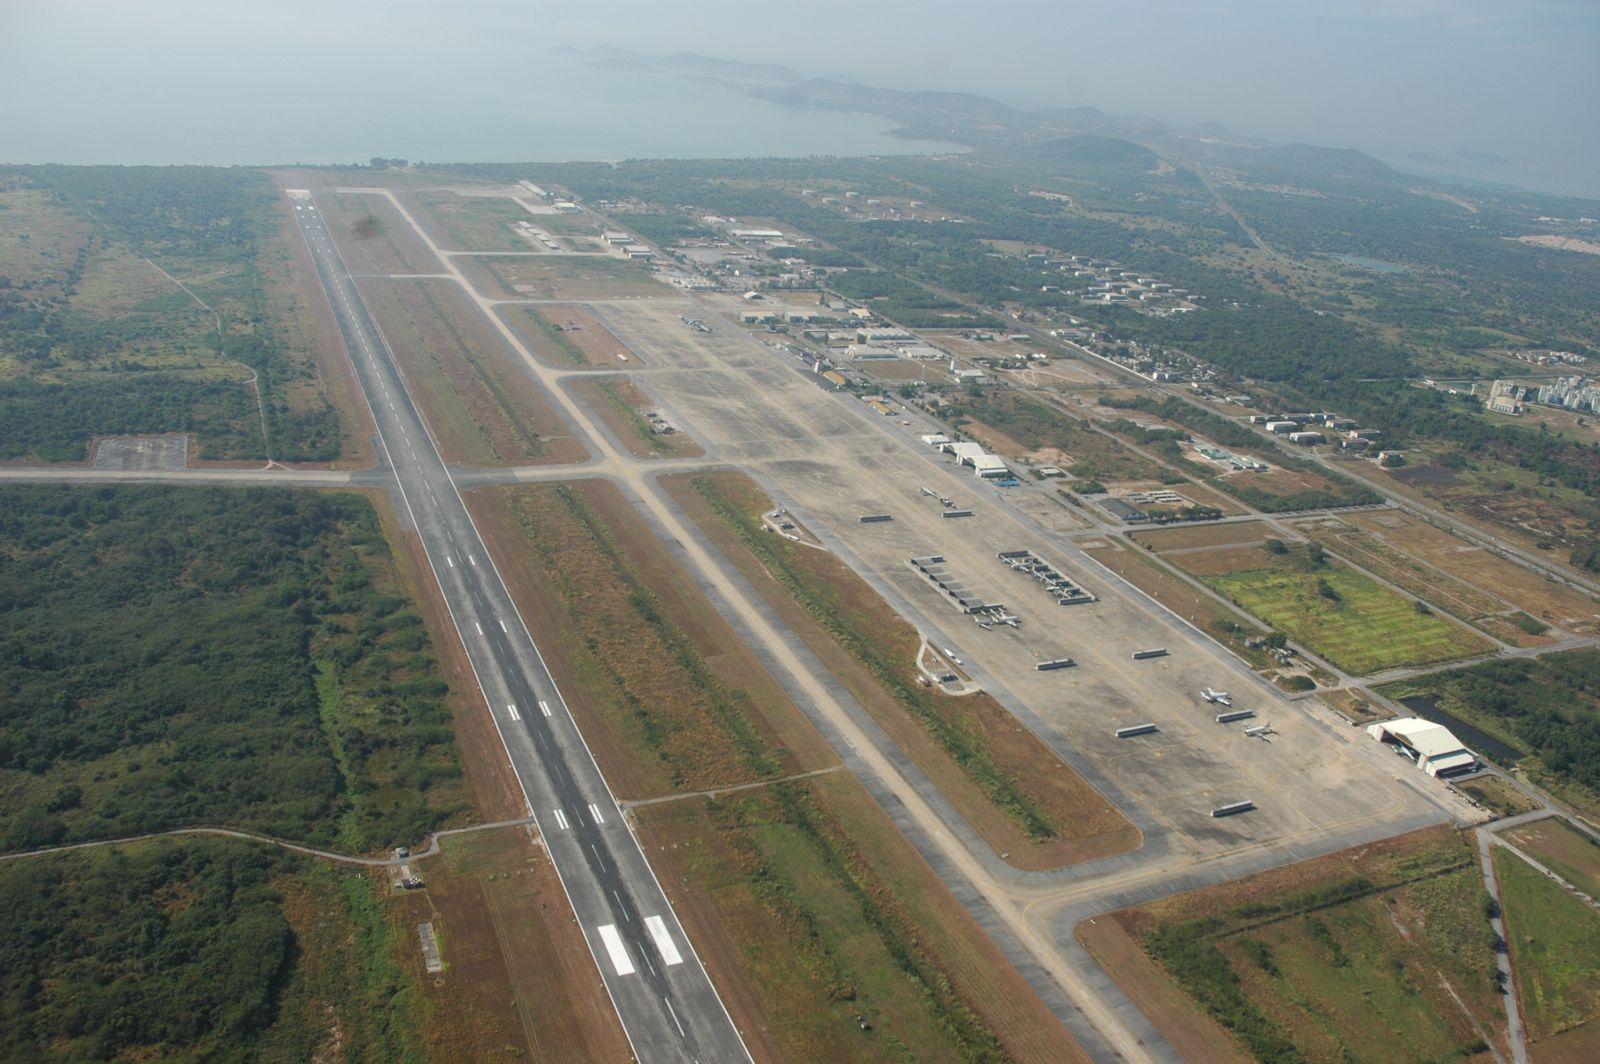 U-Tapao International Airport - Pattaya, Thailand